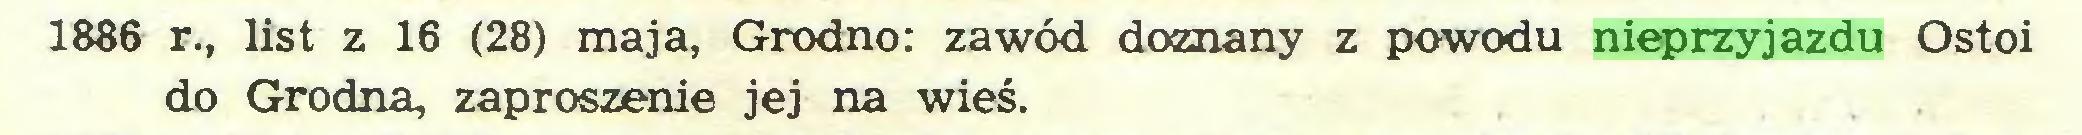 (...) 1886 r., list z 16 (28) maja, Grodno: zawód doznany z powodu nieprzyjazdu Ostoi do Grodna, zaproszenie jej na wieś...